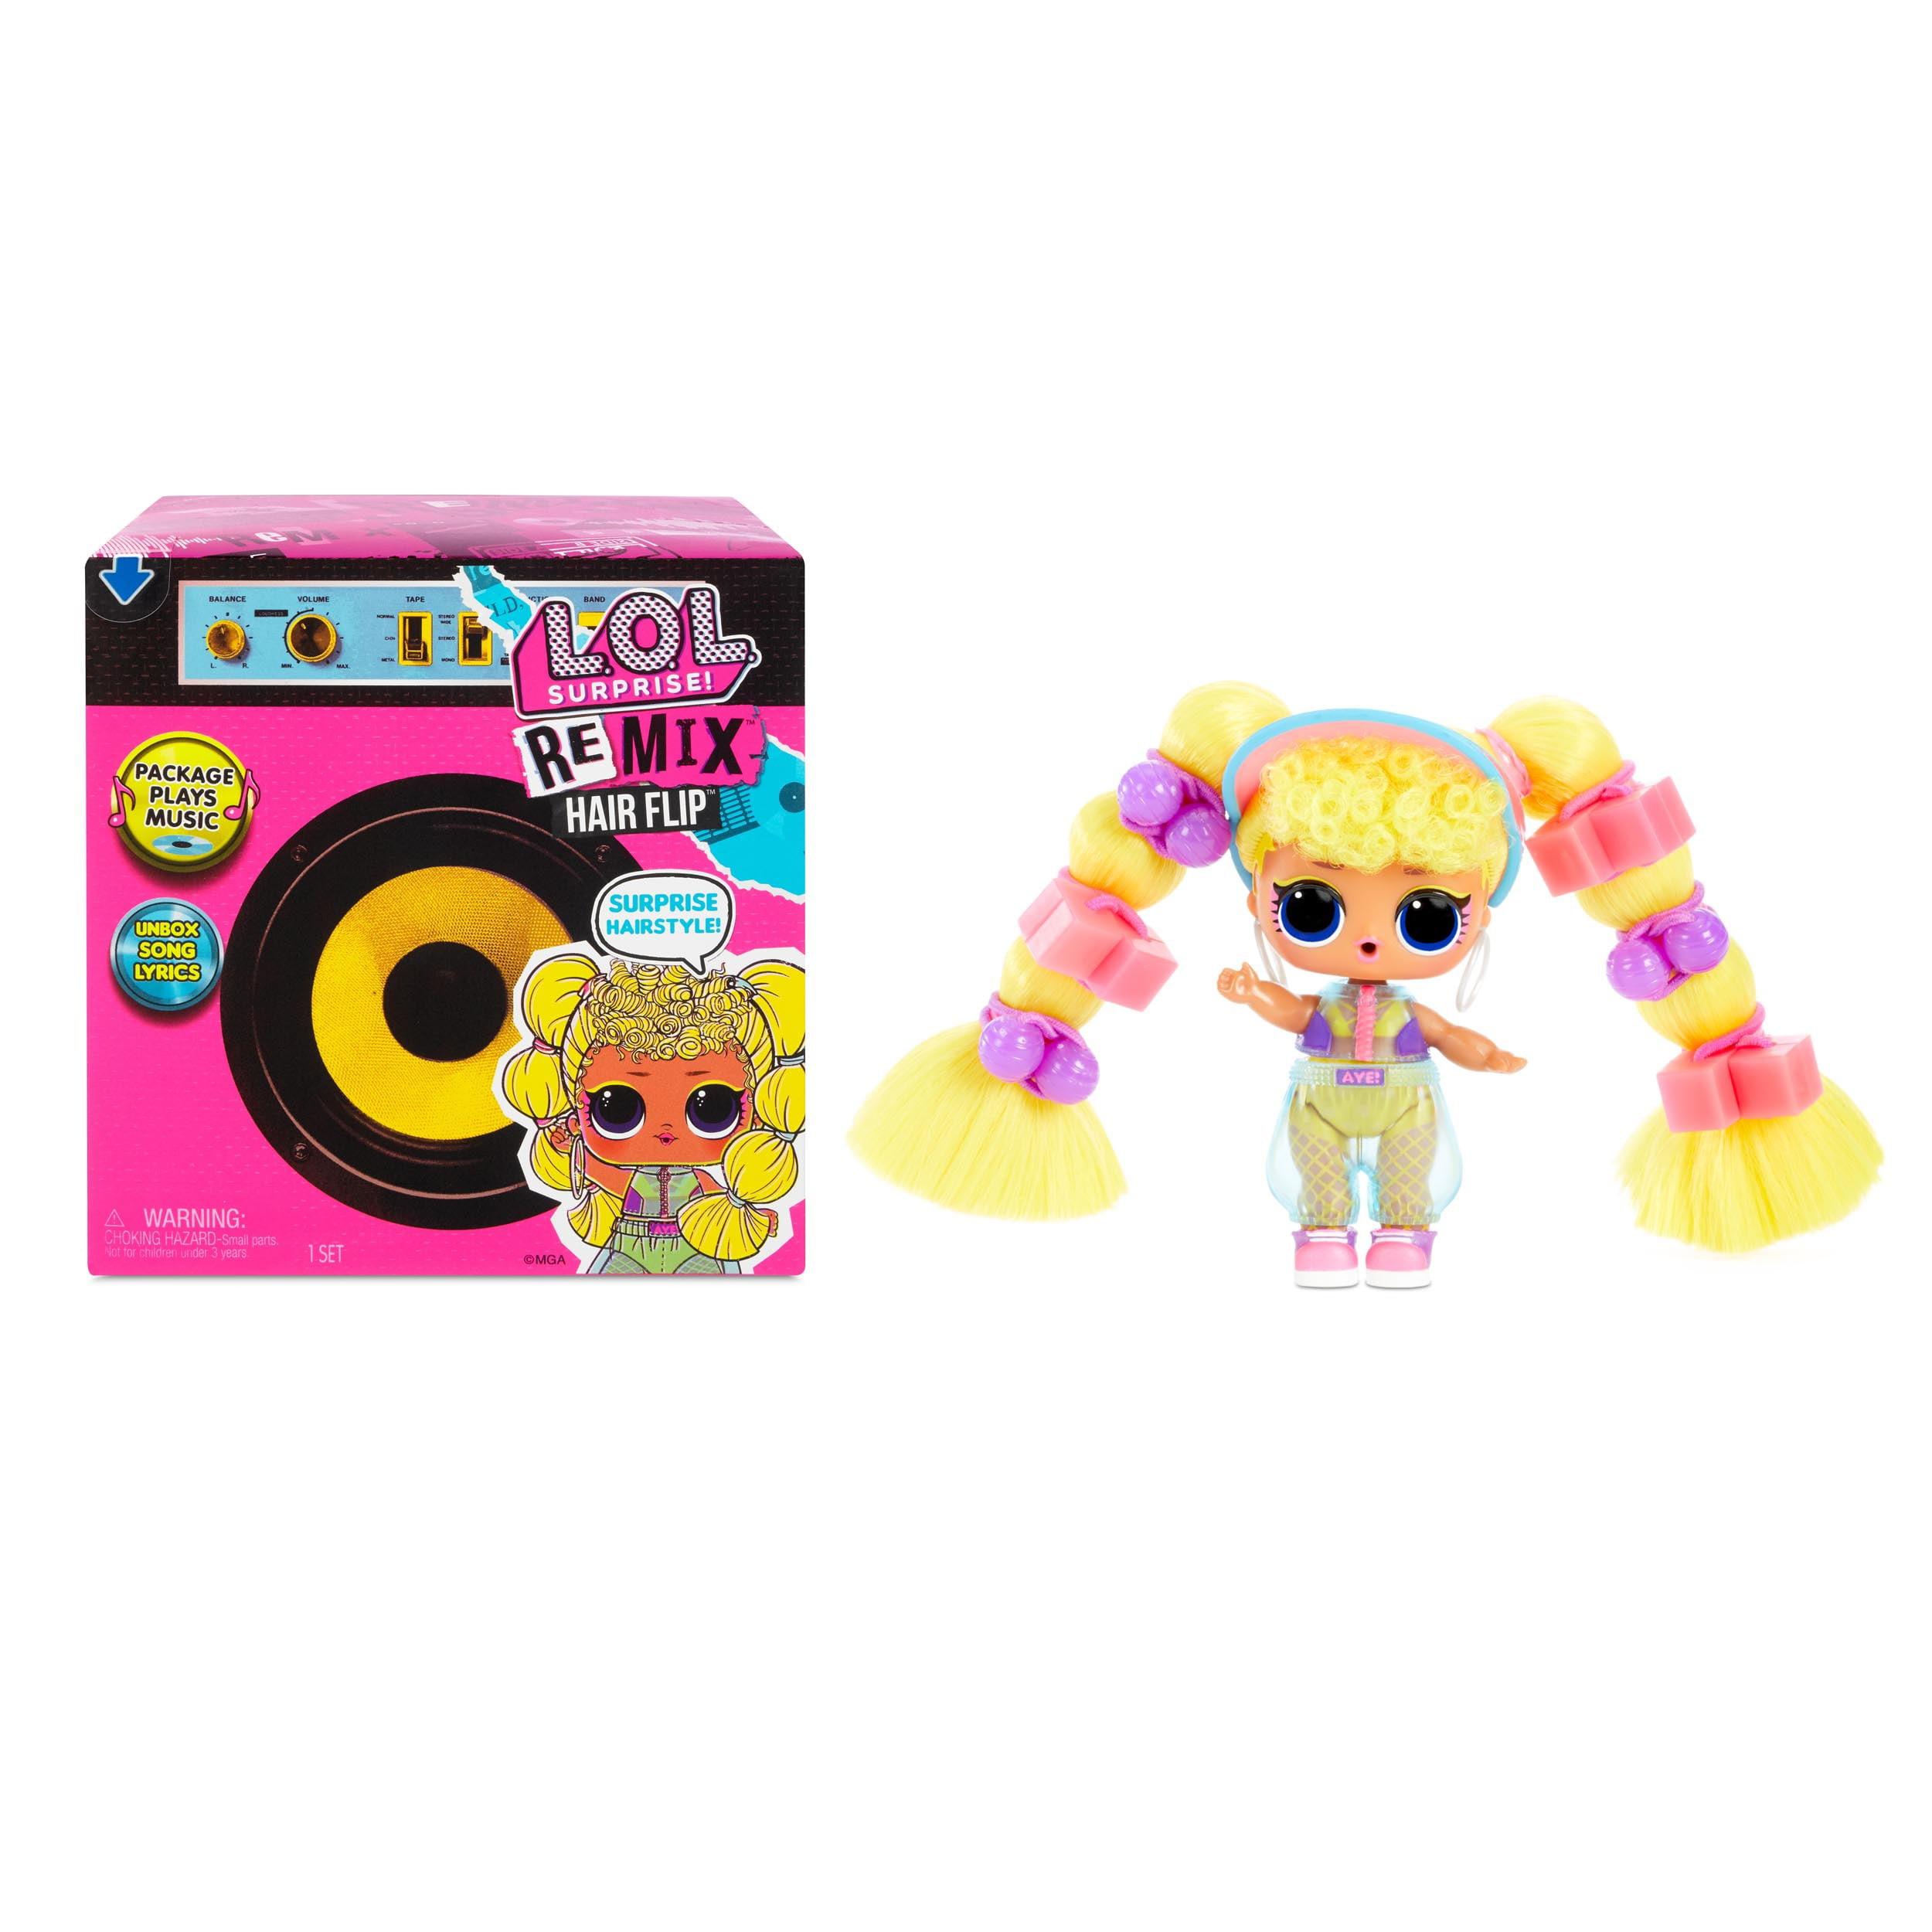 L.O.L Surprise! L.O.L. Surprise! Remix Hair Flip Dolls – 15 Surprises with Hair Reveal & Music